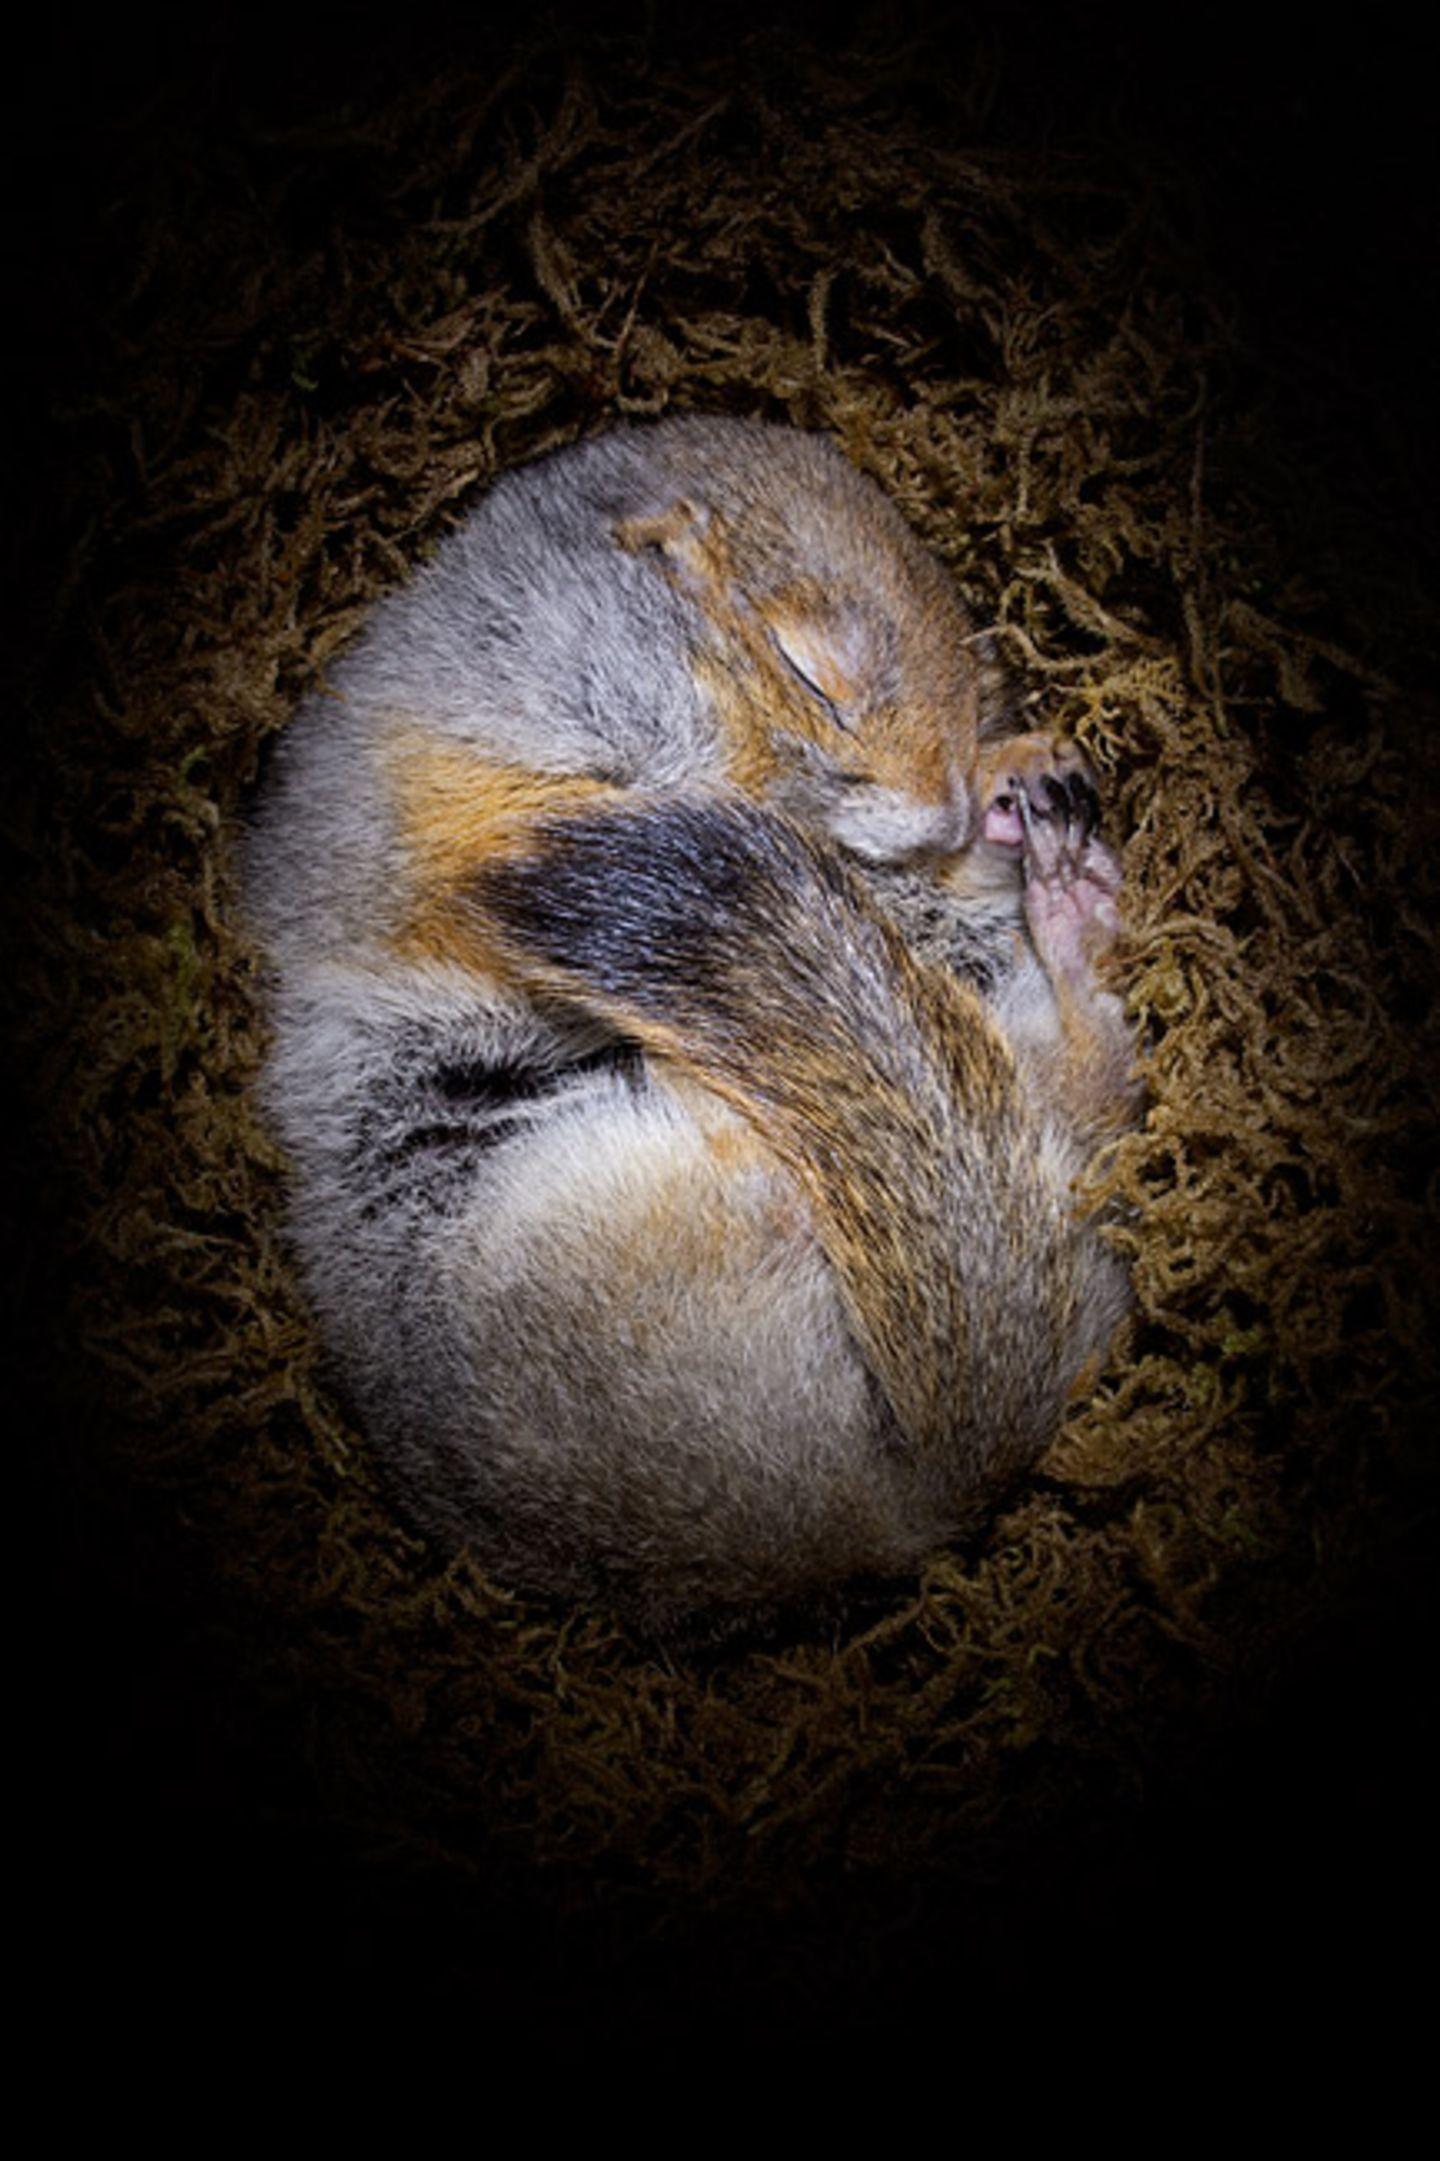 Fotogalerie: Tiere im Winterschlaf